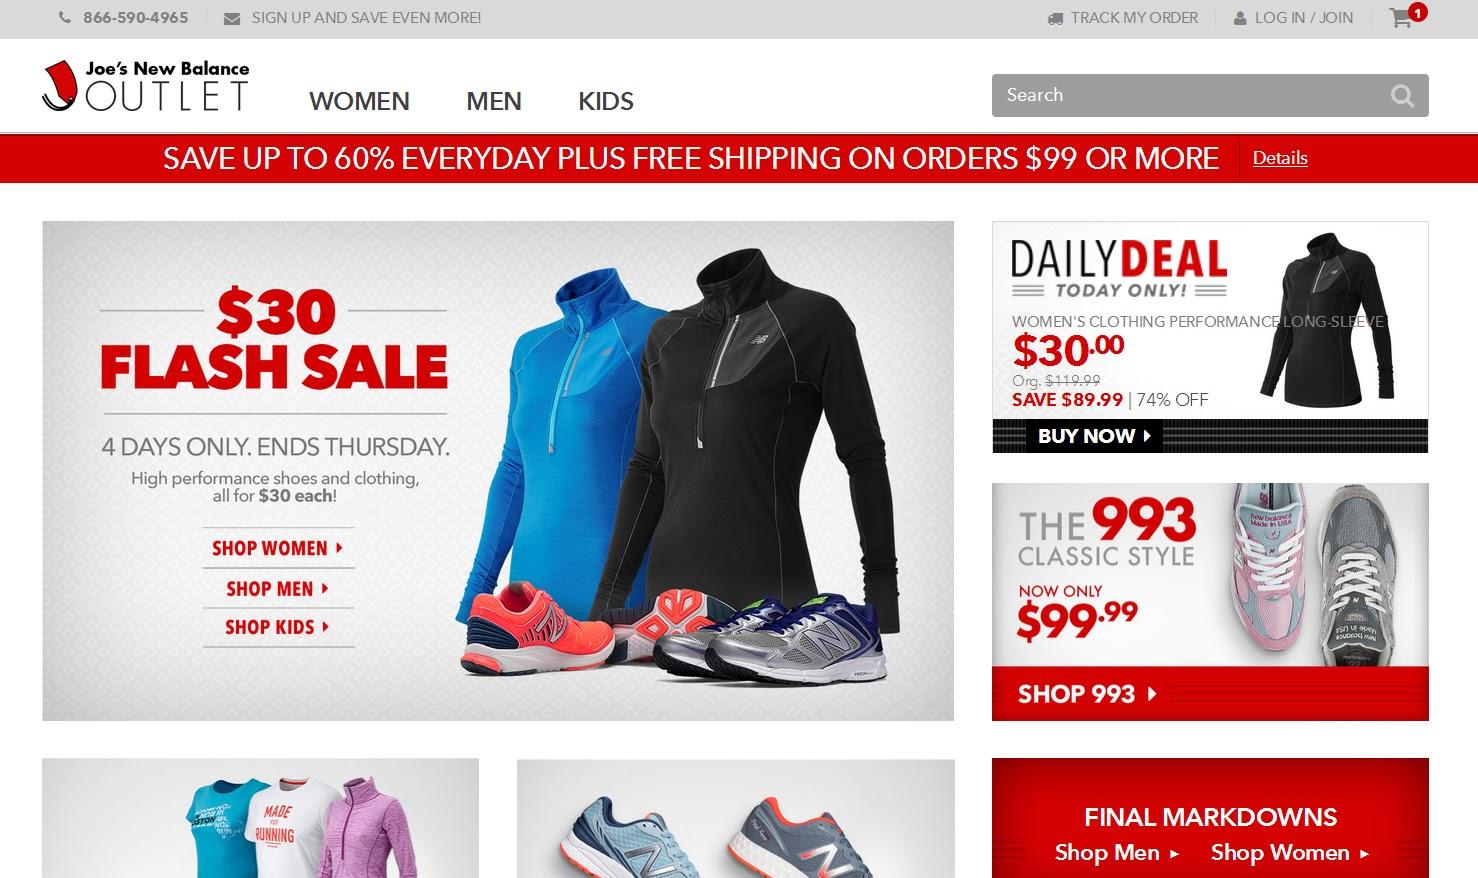 efcb3581f К счастью, существует аутлет New Balance joesnewbalanceoutlet.com, где  можно найти обувь и одежду со значительными скидками.